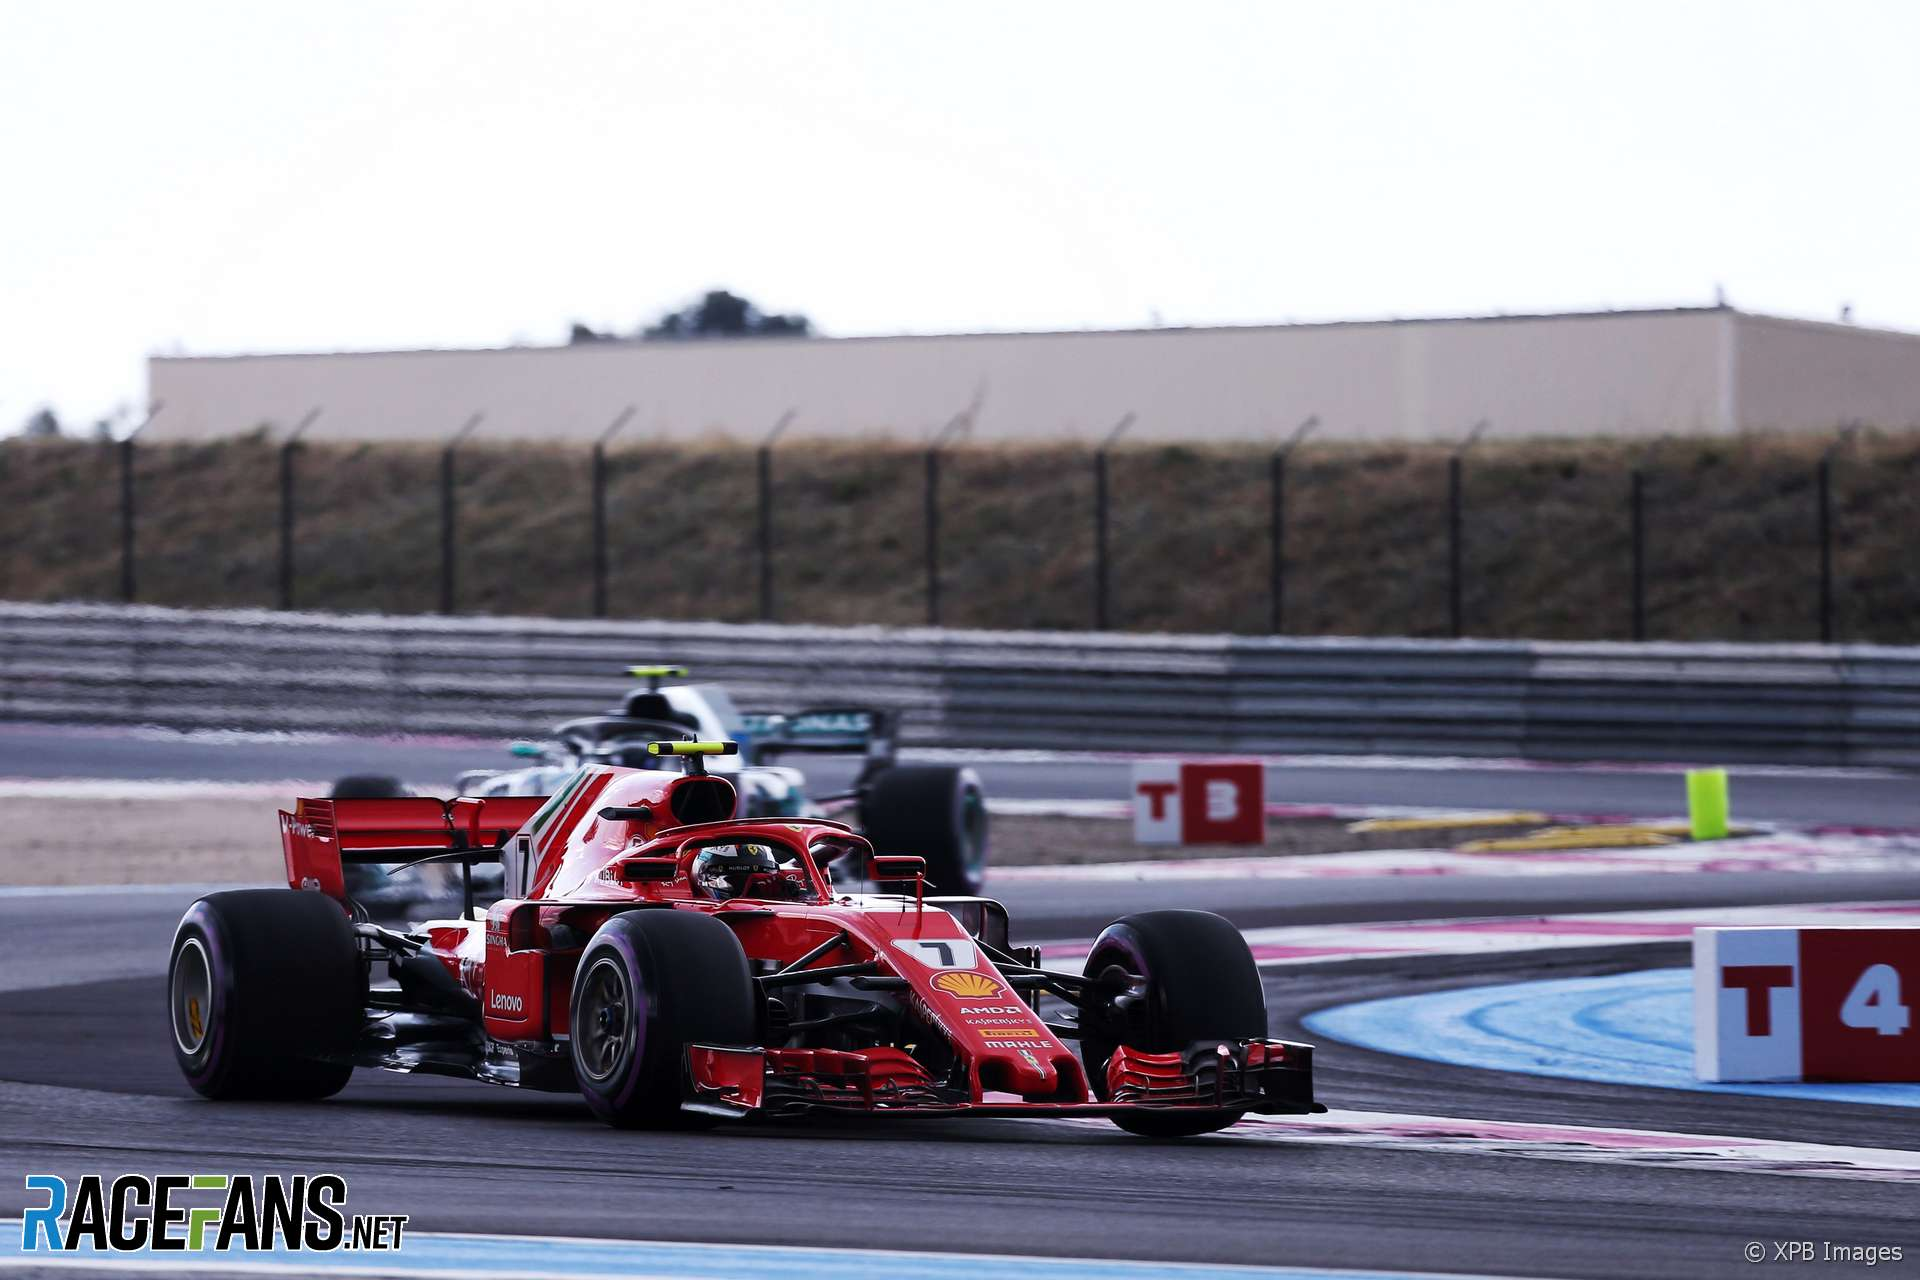 Kimi Raikkonen, Ferrari, Paul Ricard, 2018